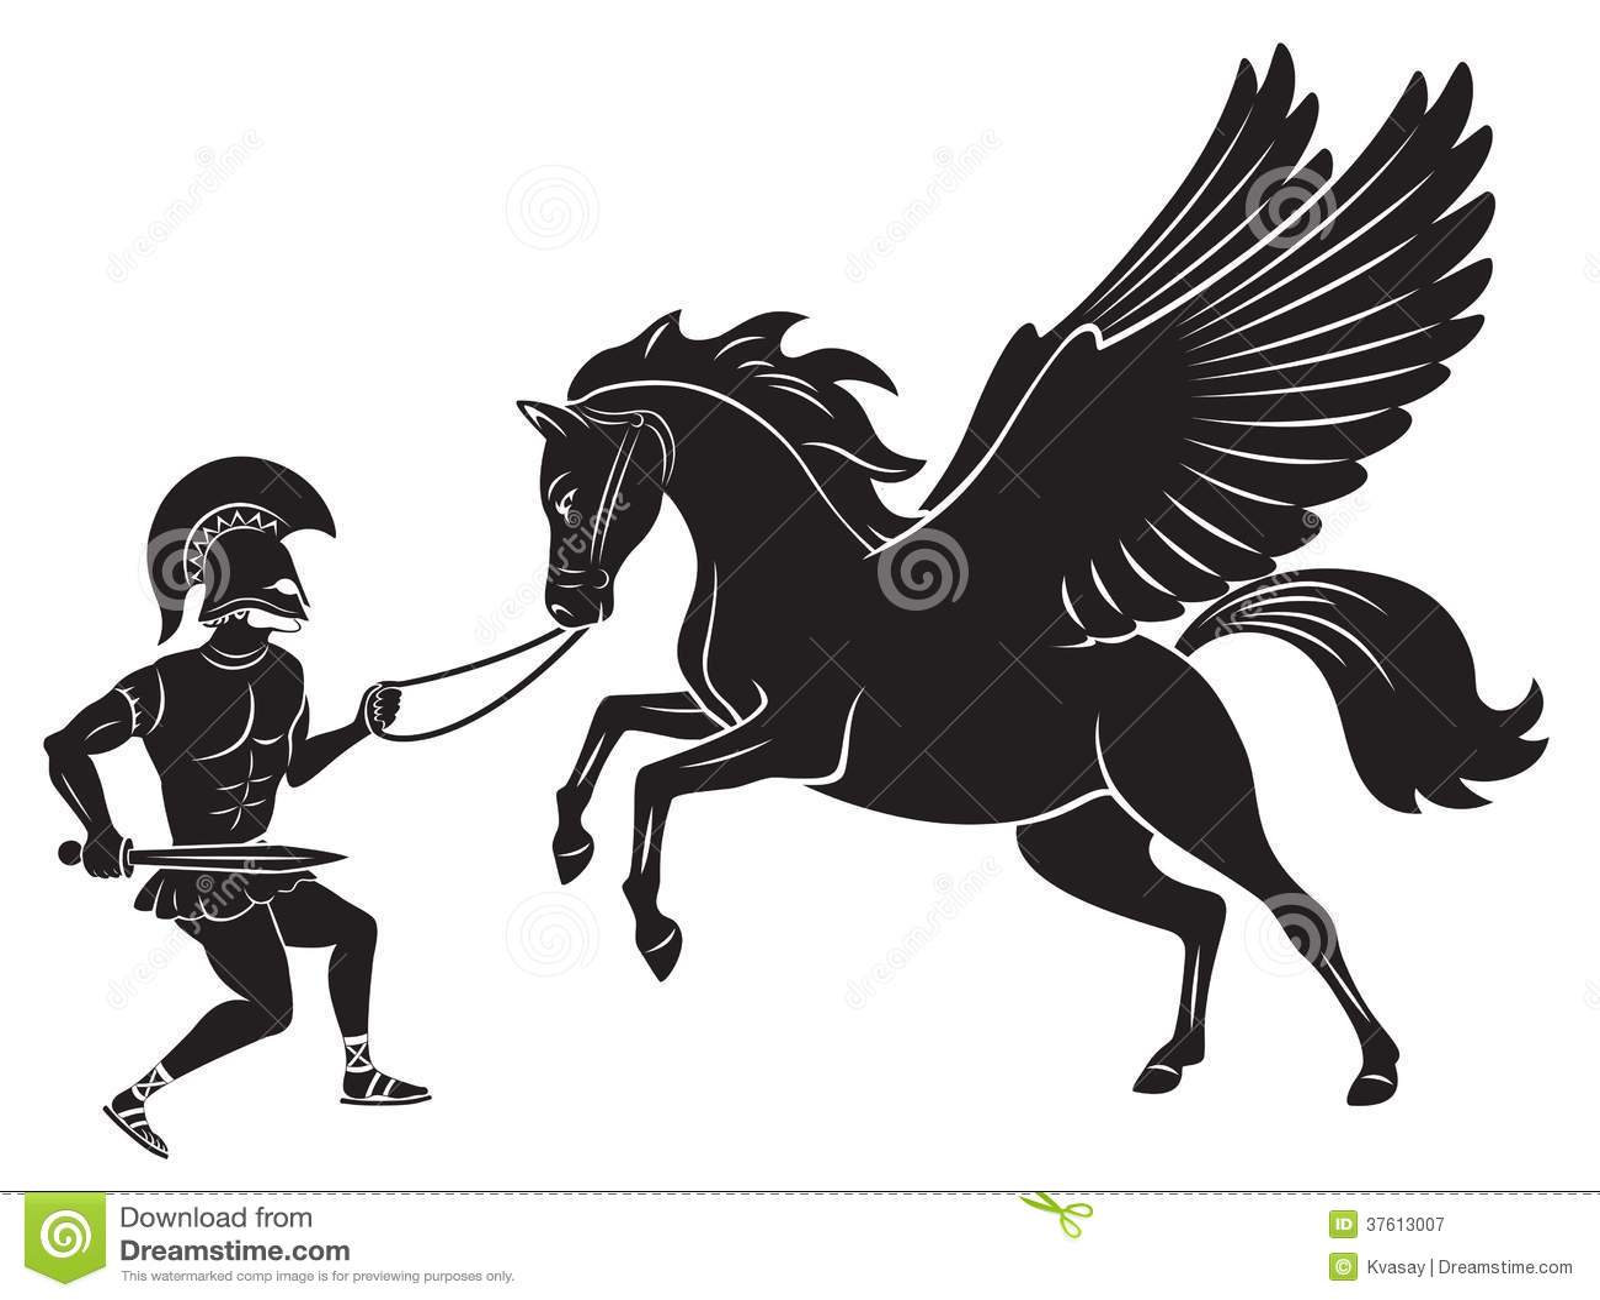 Pegasus And Hercules